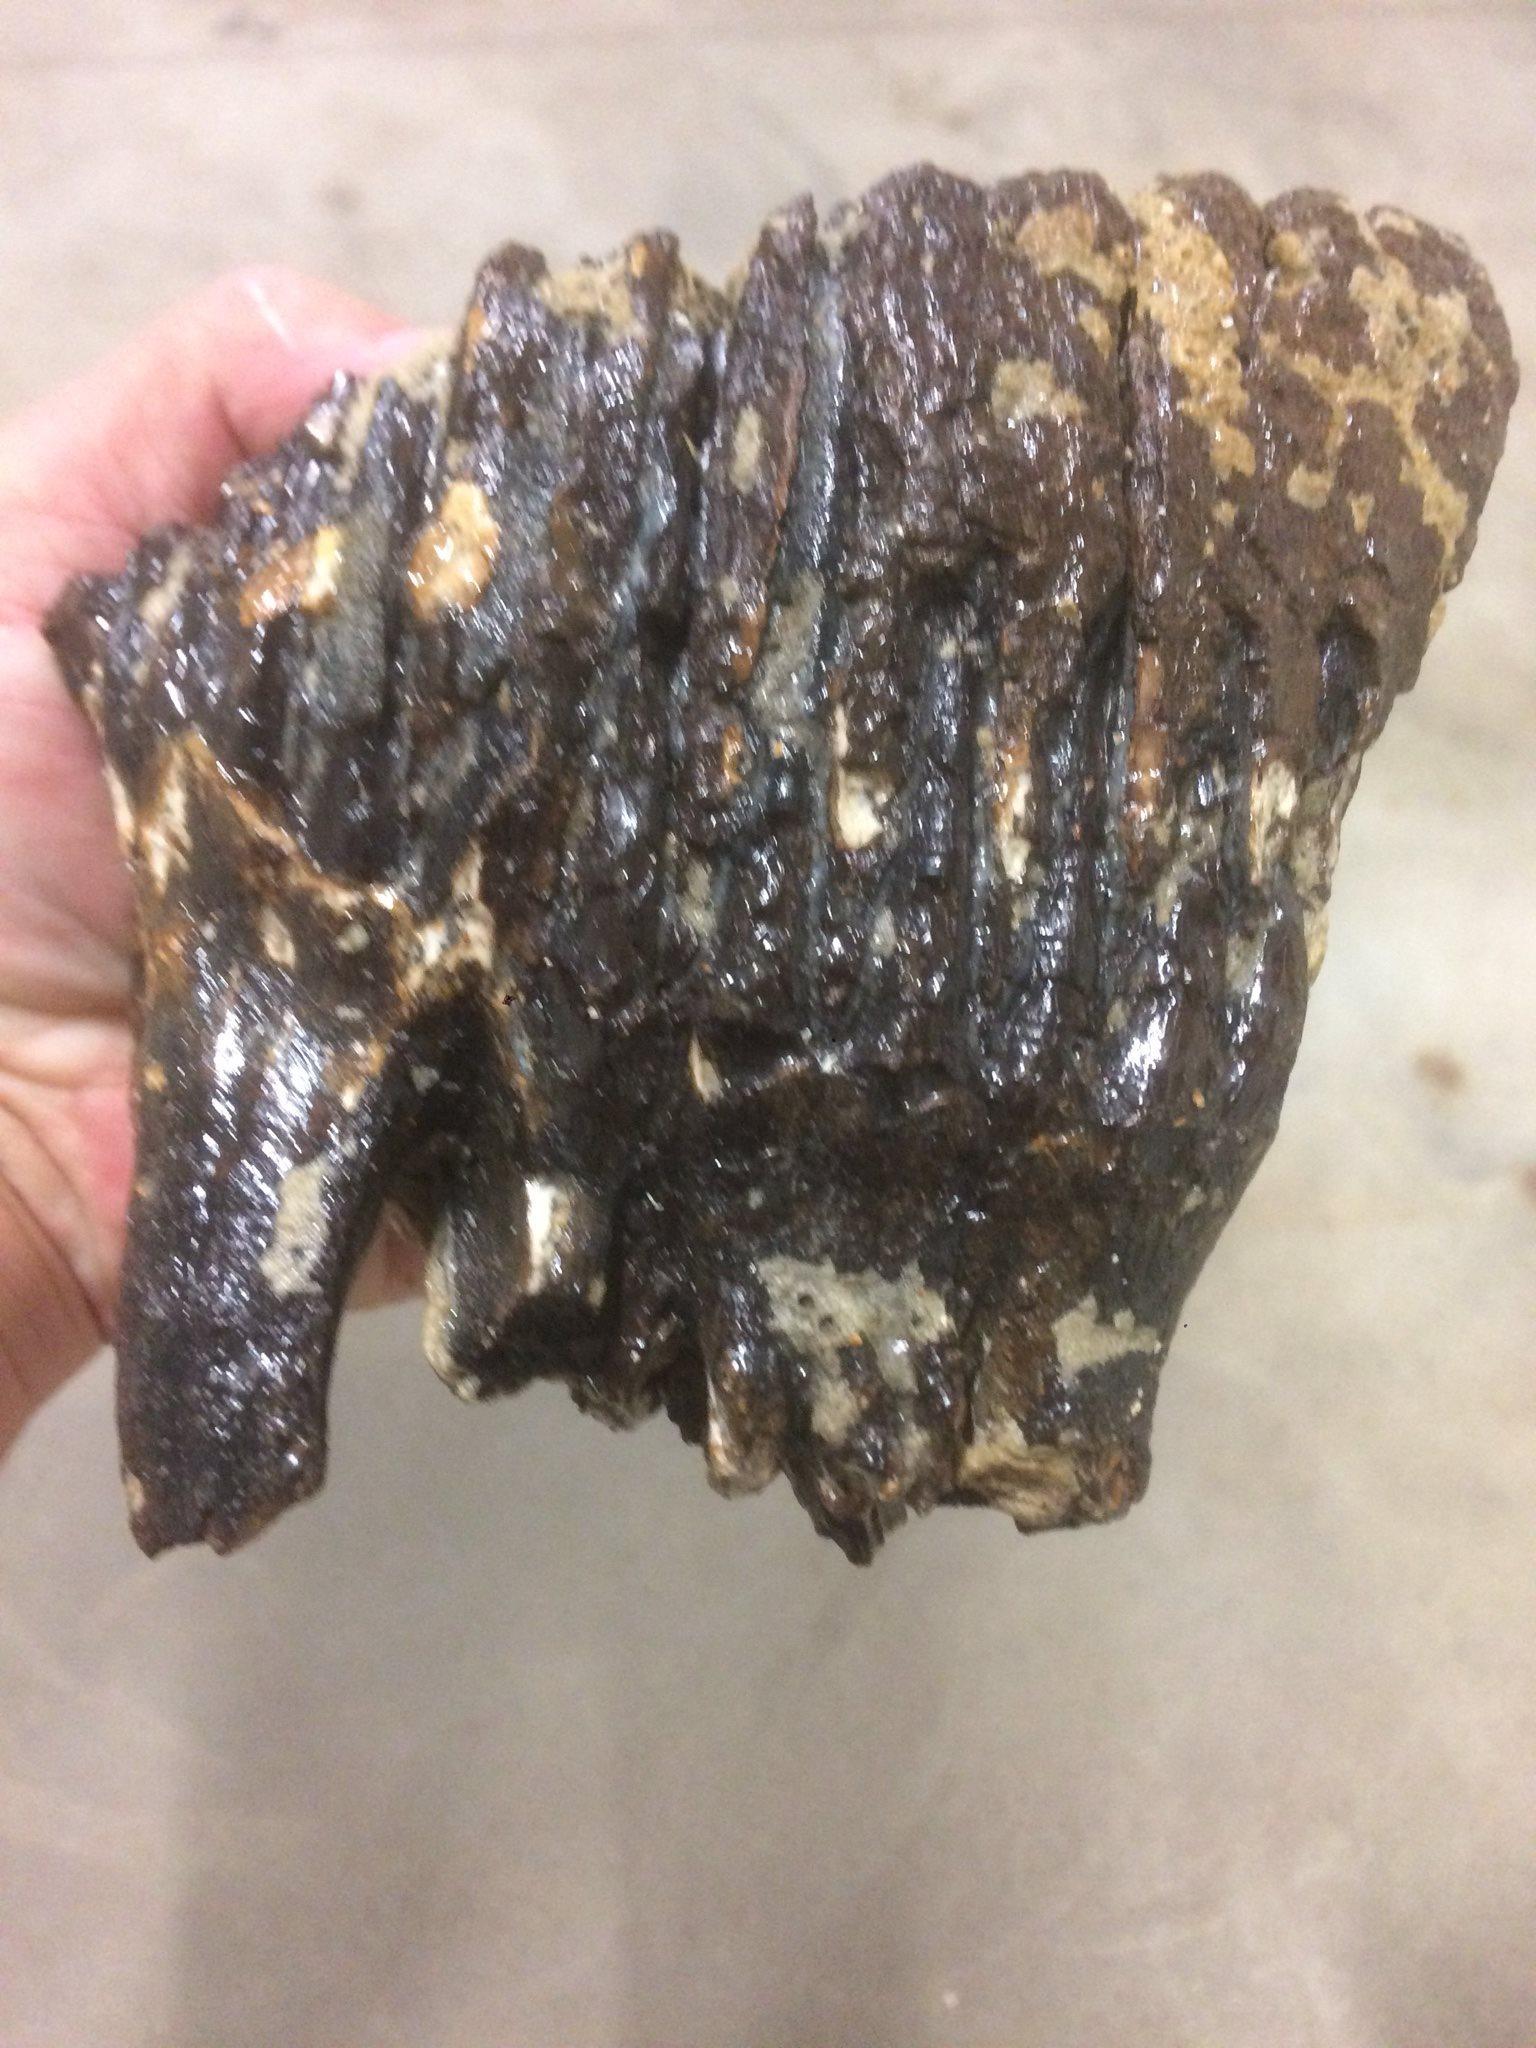 köpa fossil i sverige